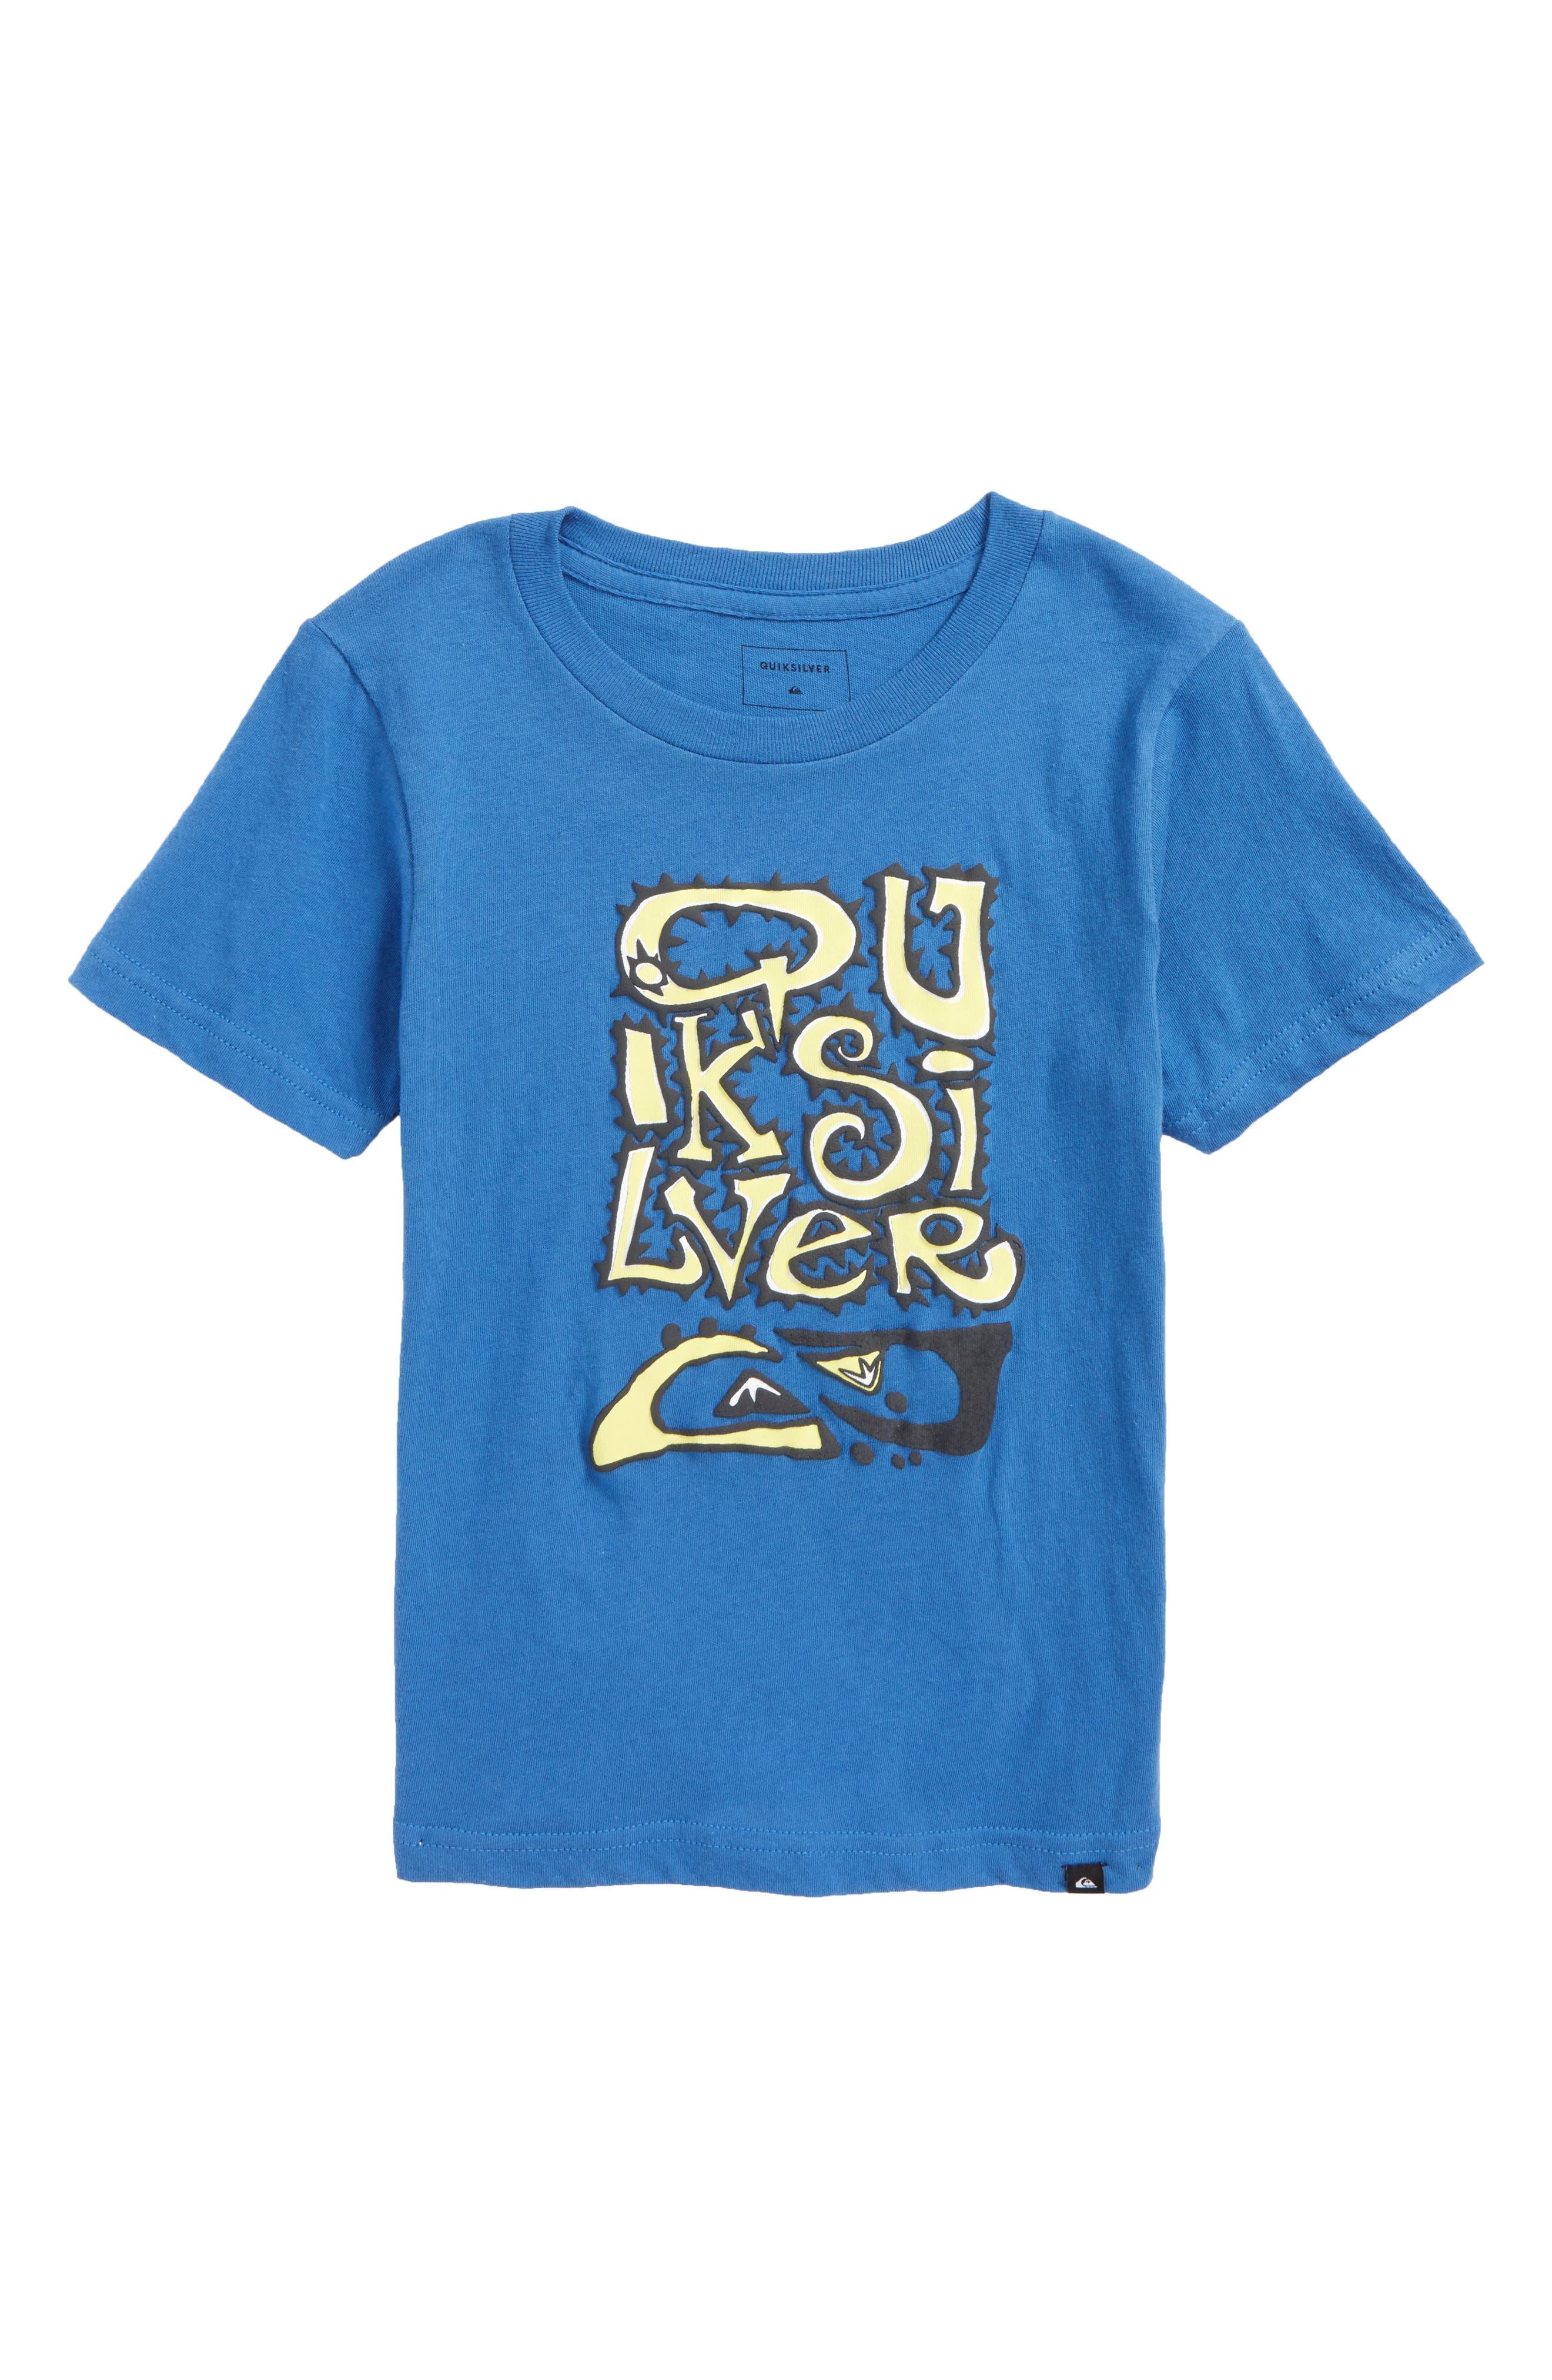 Quiksilver Wauke Graphic T-Shirt (Toddler Boys & Little Boys)